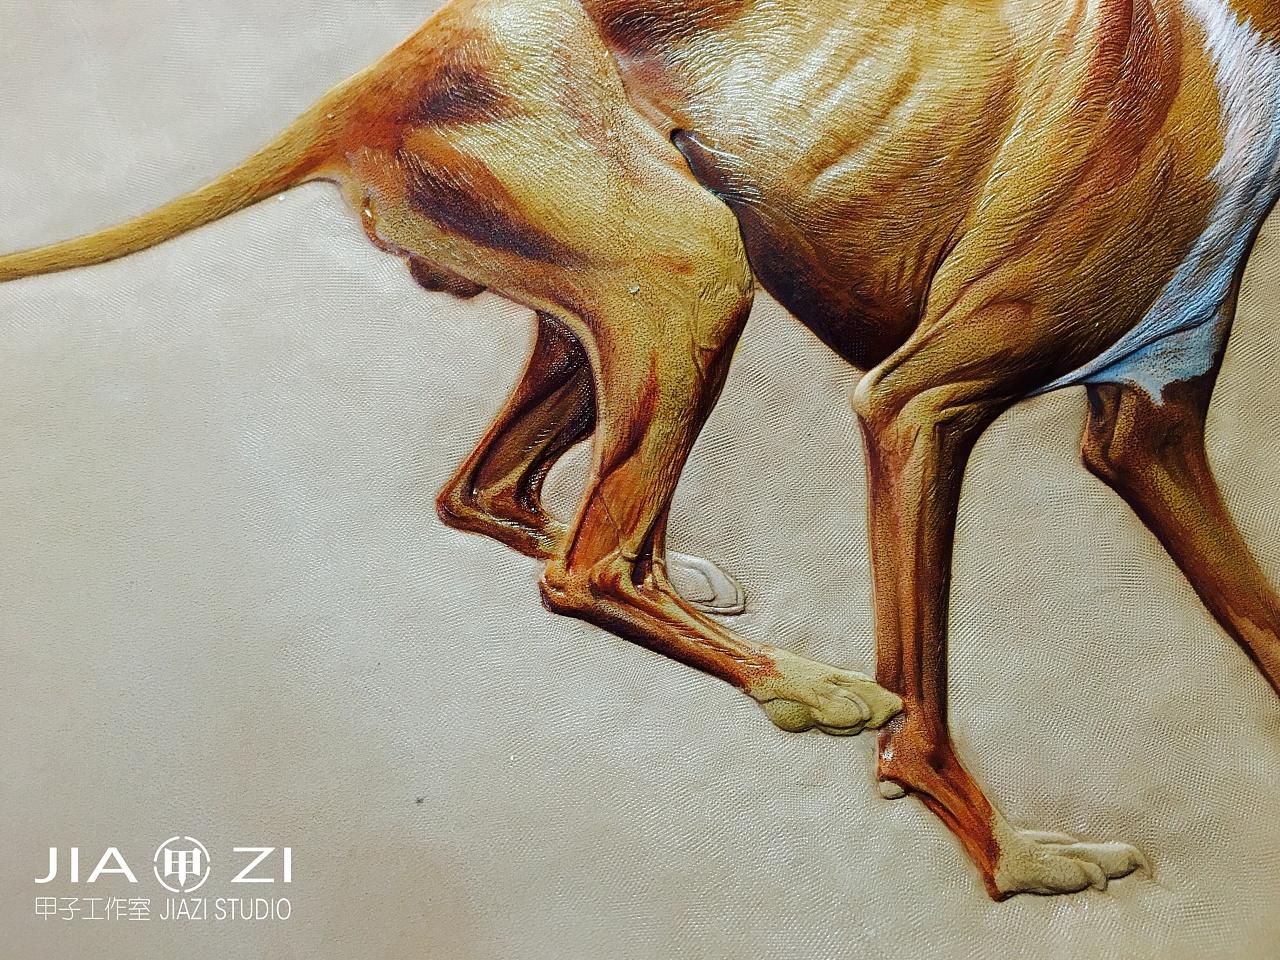 太原甲子工作室 动物皮雕习作